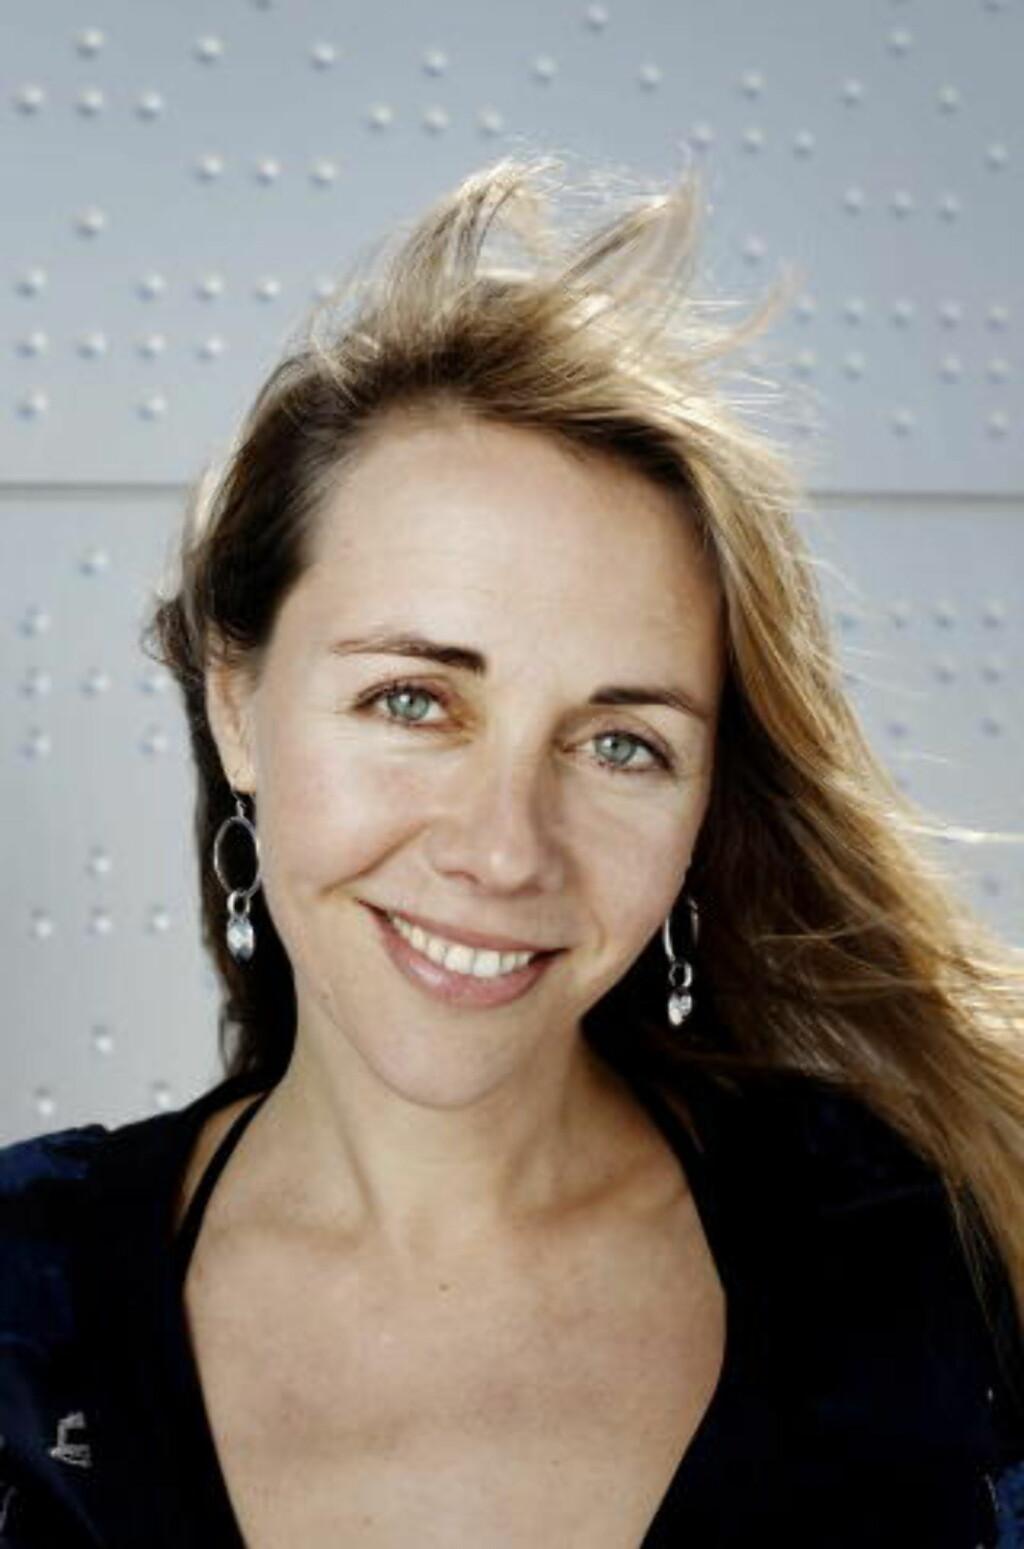 ENDELIG: Sidsel Dalen er nominert til årets Rivertonpris. FOTO: ADRIAN ØHRN JOHANSEN/ DAGBLADET